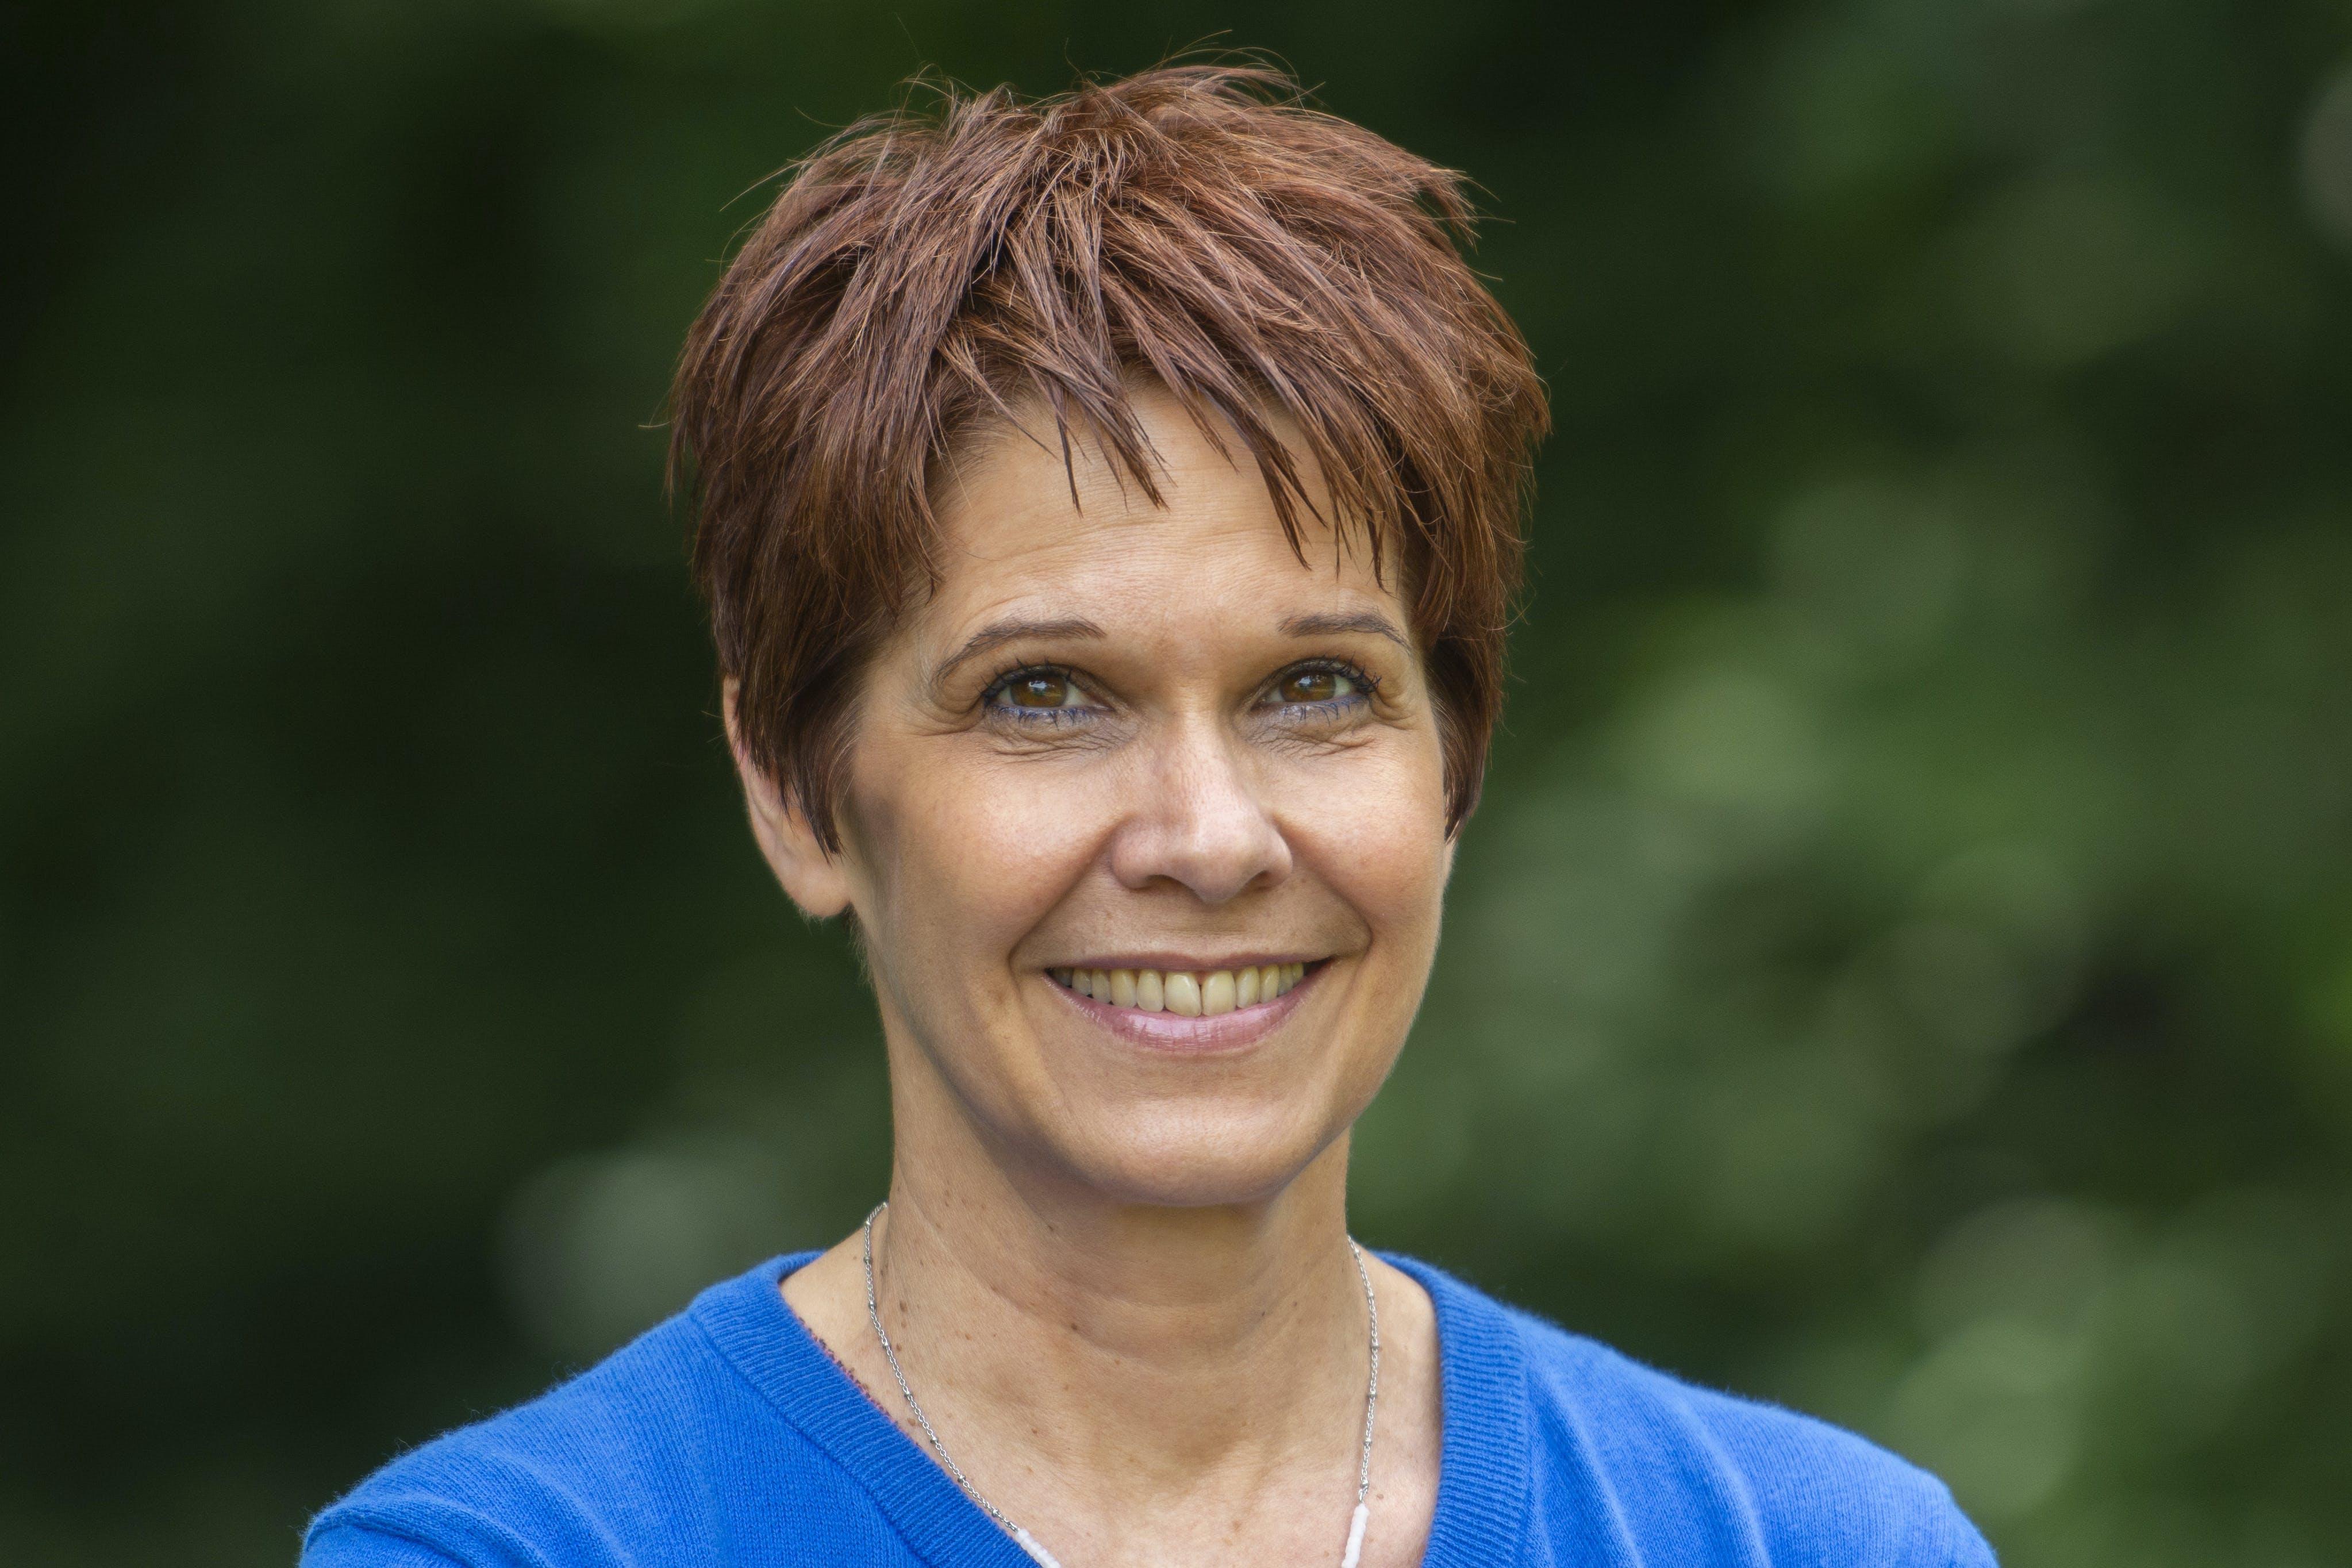 Michelle Westlund